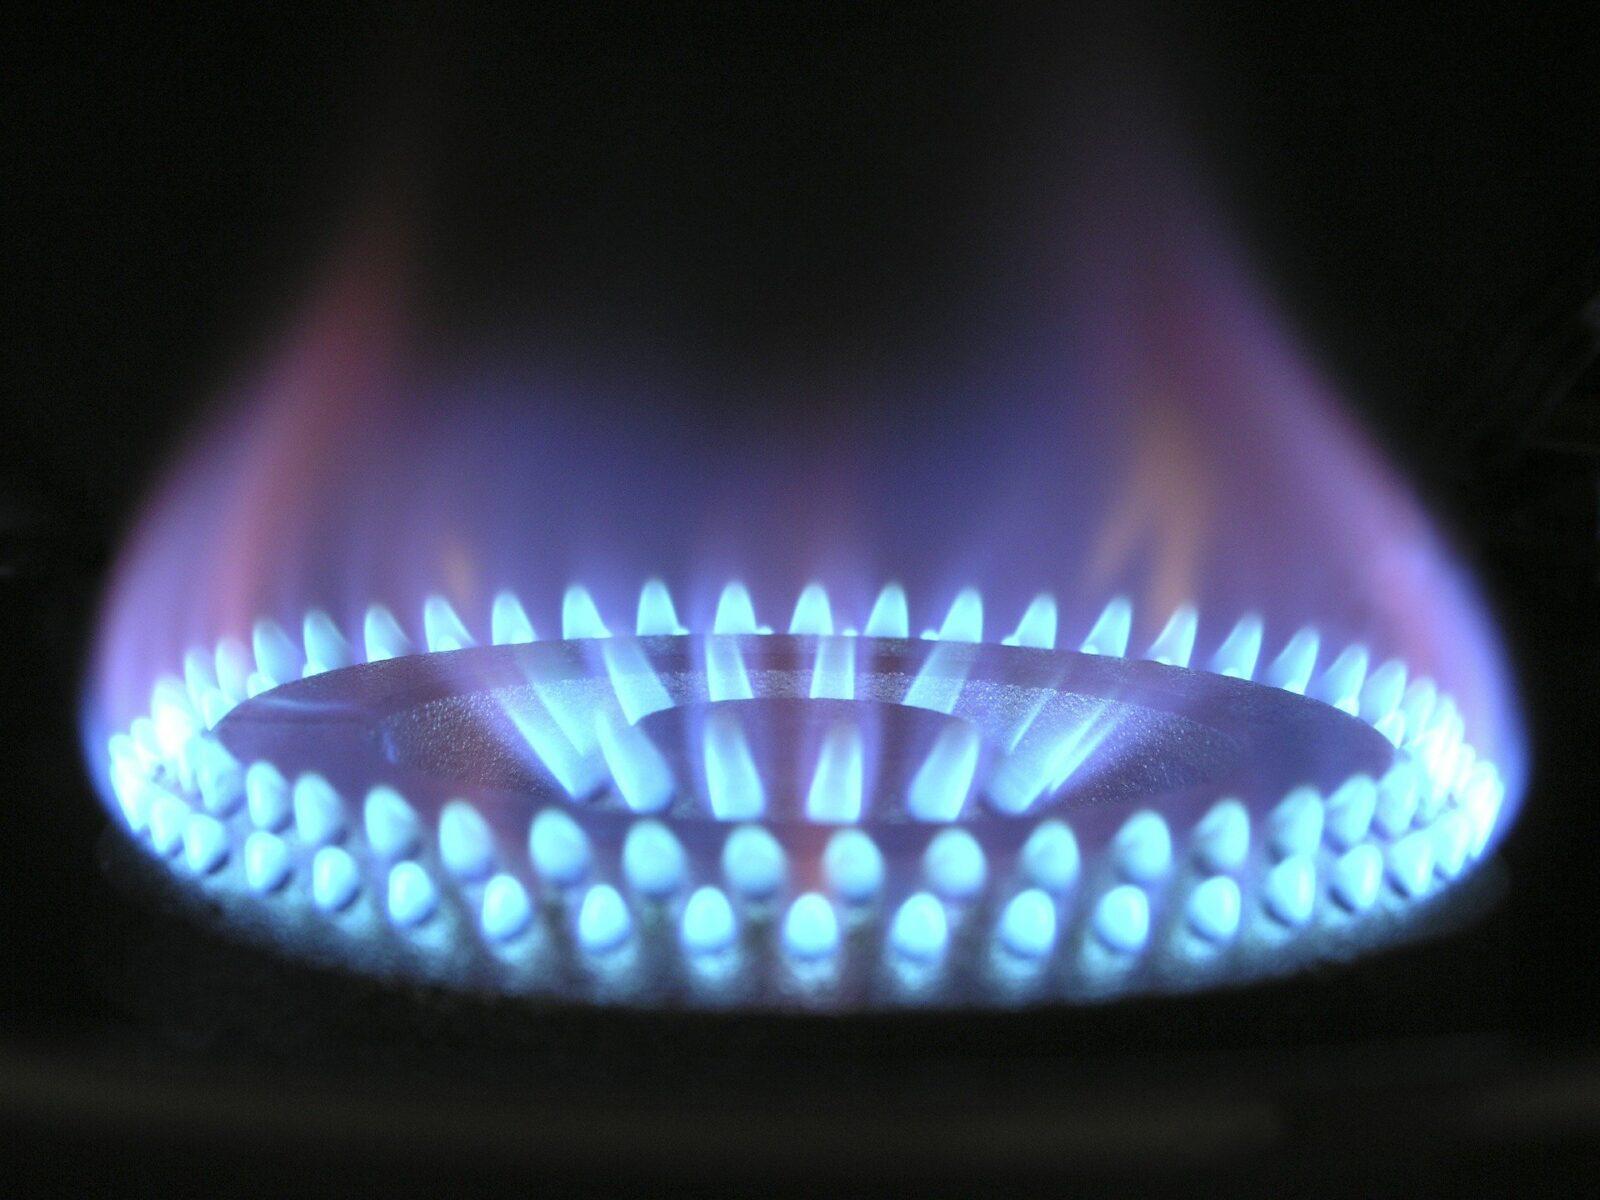 «Приоритет в снабжении природным газом отдается населению и социальным объектам» - Минэнерго